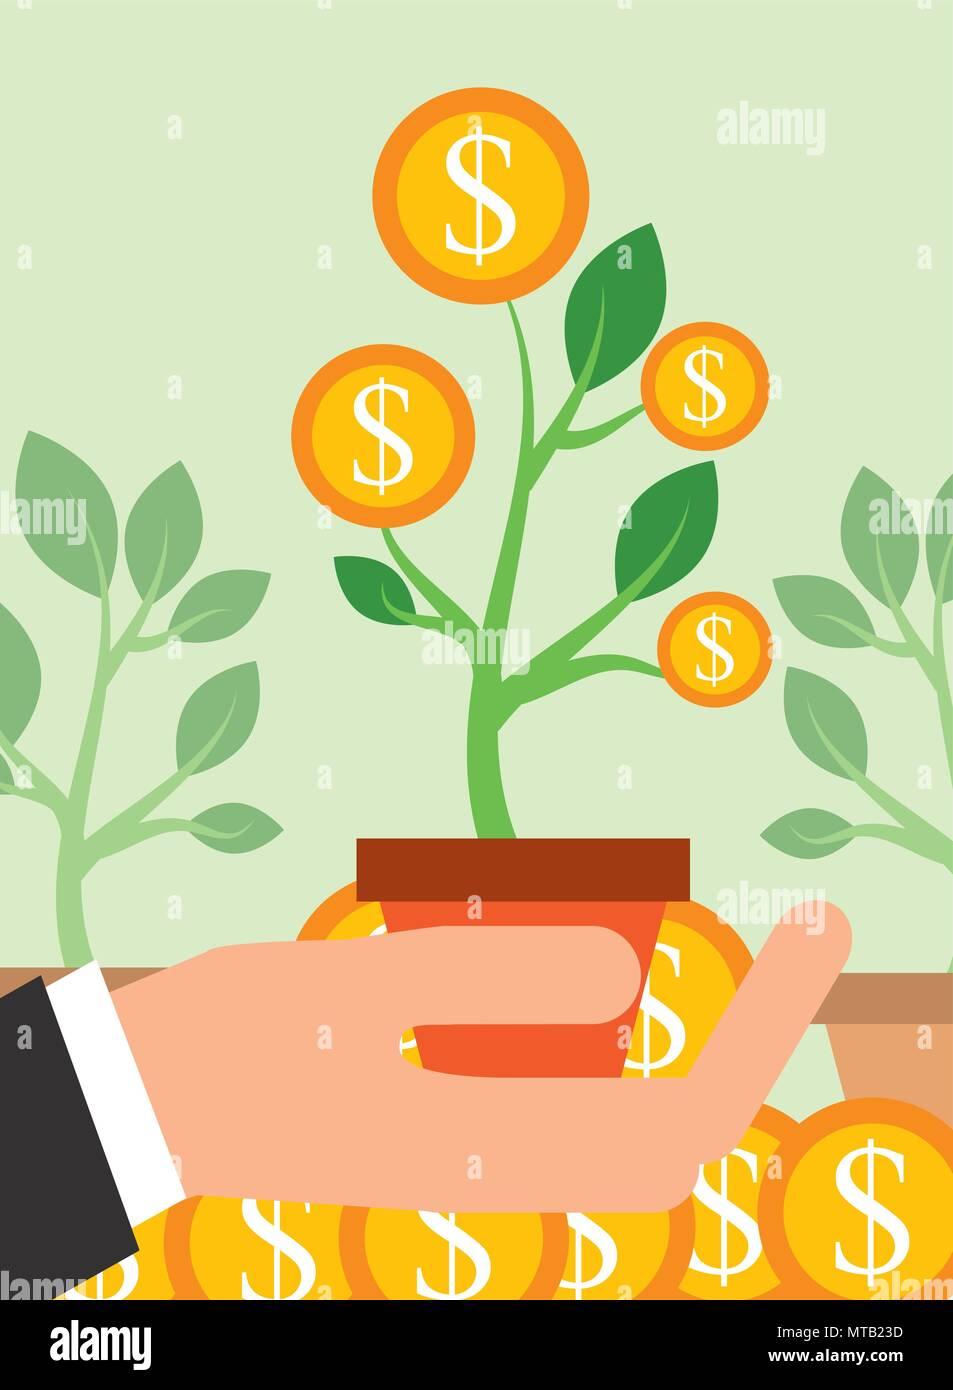 Risparmio di denaro business Immagini Stock